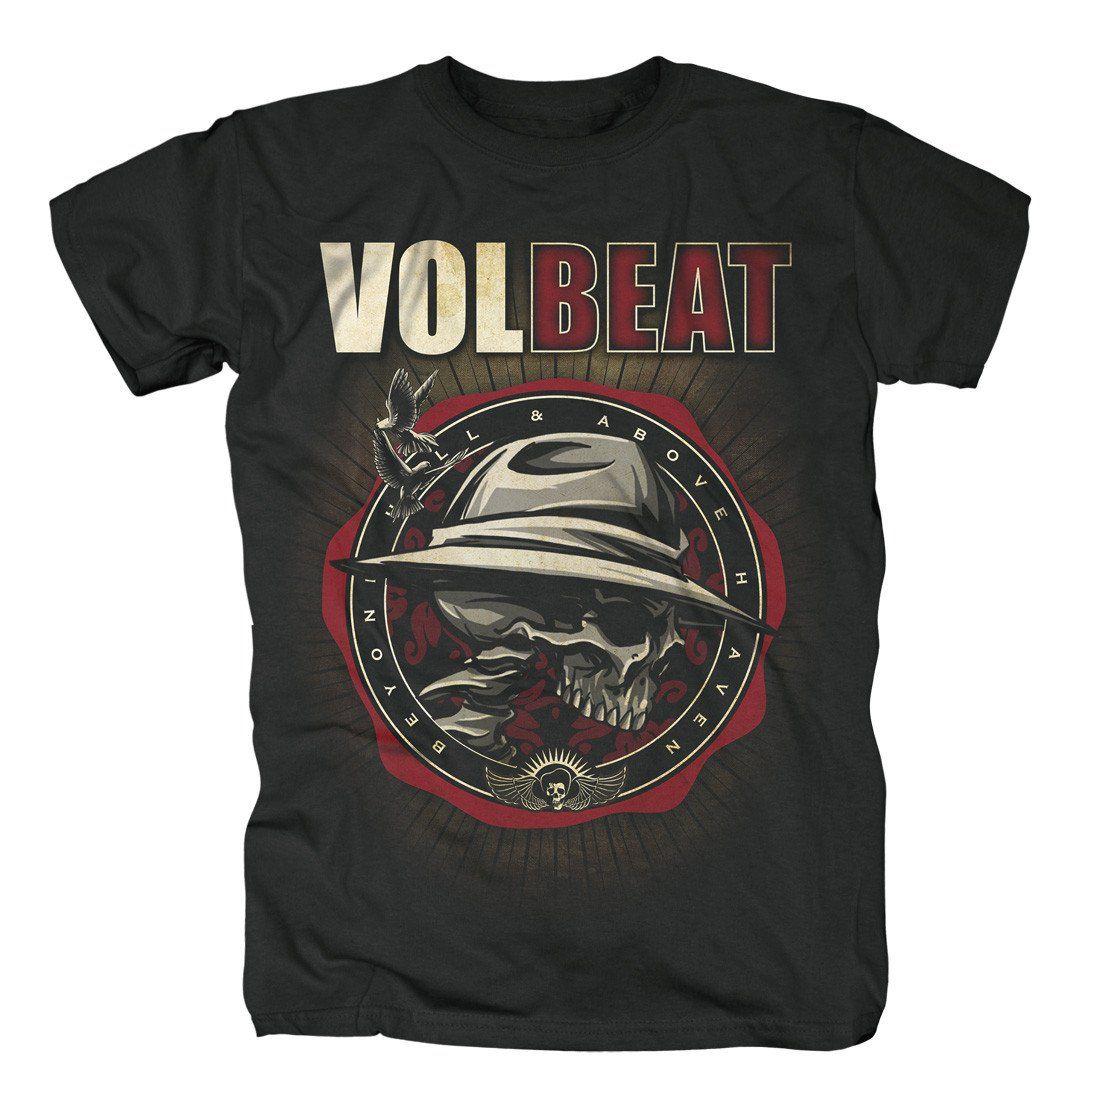 Beyond The Shield T-Shirt